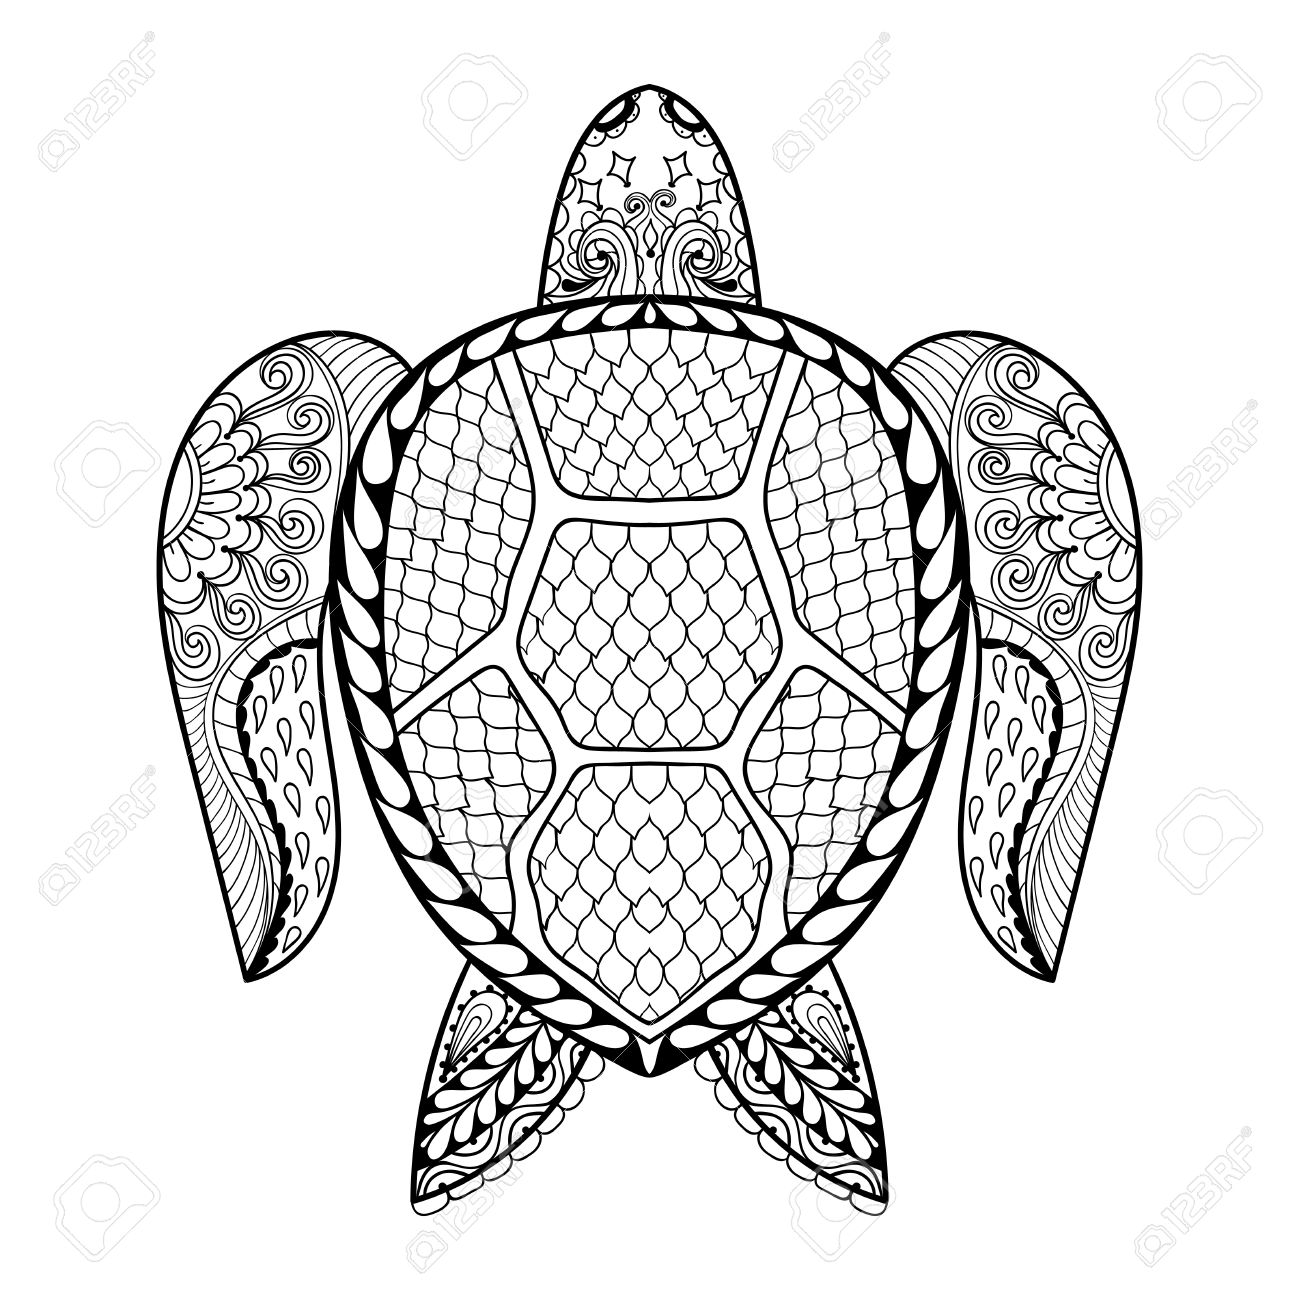 Mano De La Mascota De La Tortuga De Mar Dibujado Para Las Páginas ...